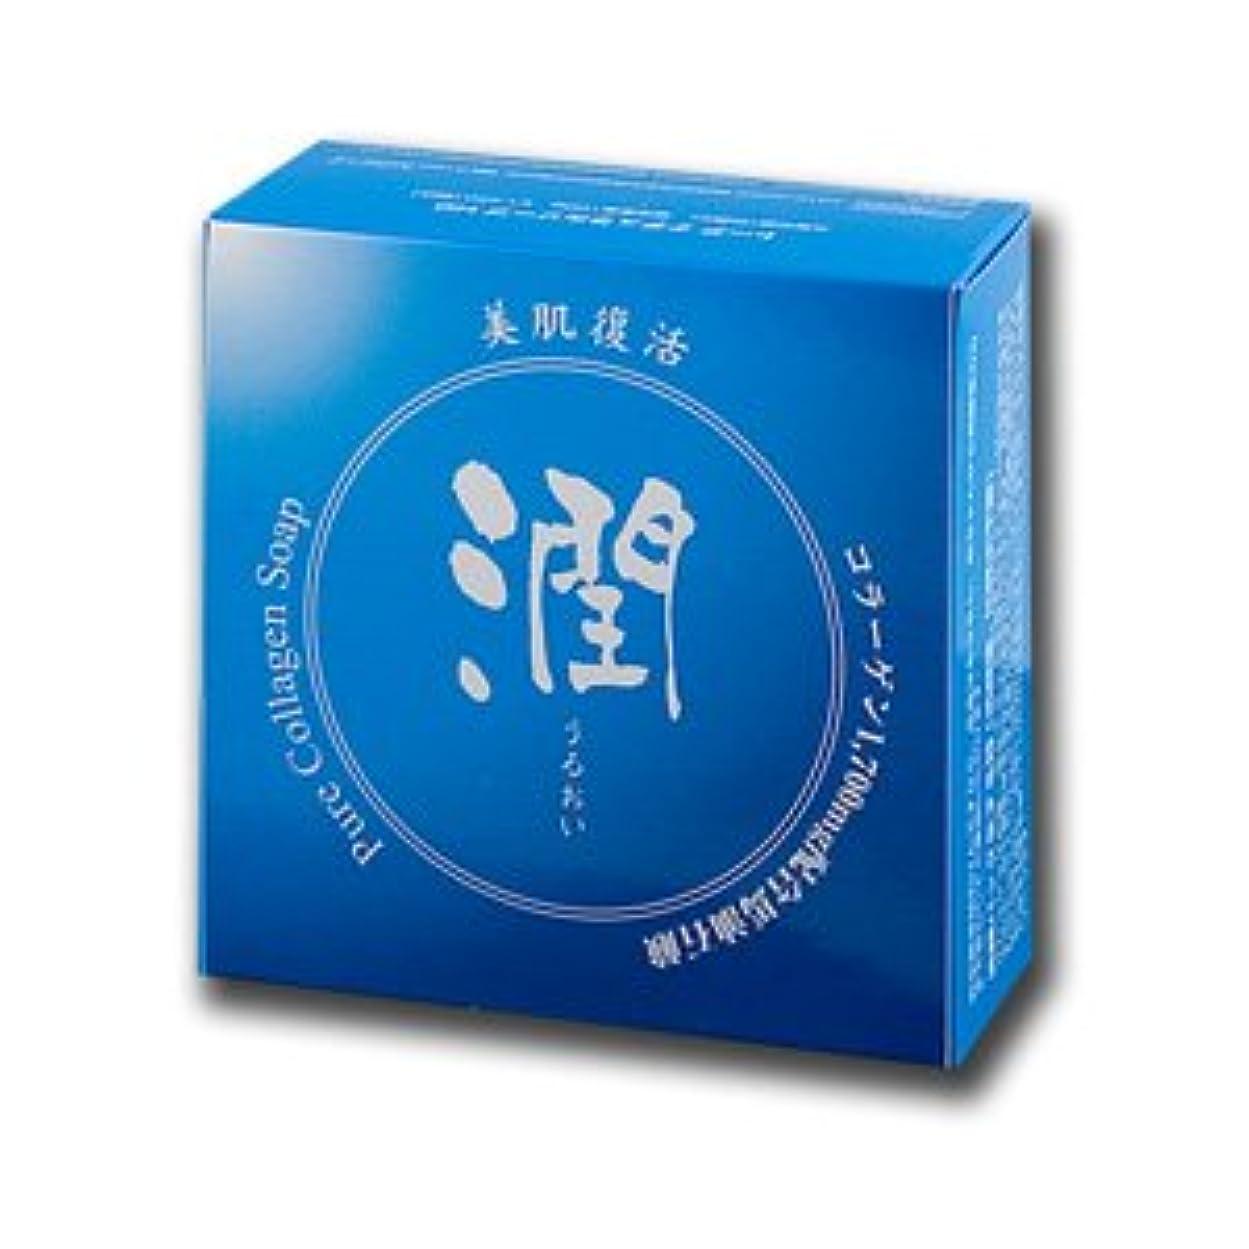 下る側面空白コラーゲン馬油石鹸 潤 100g (#800410) ×8個セット